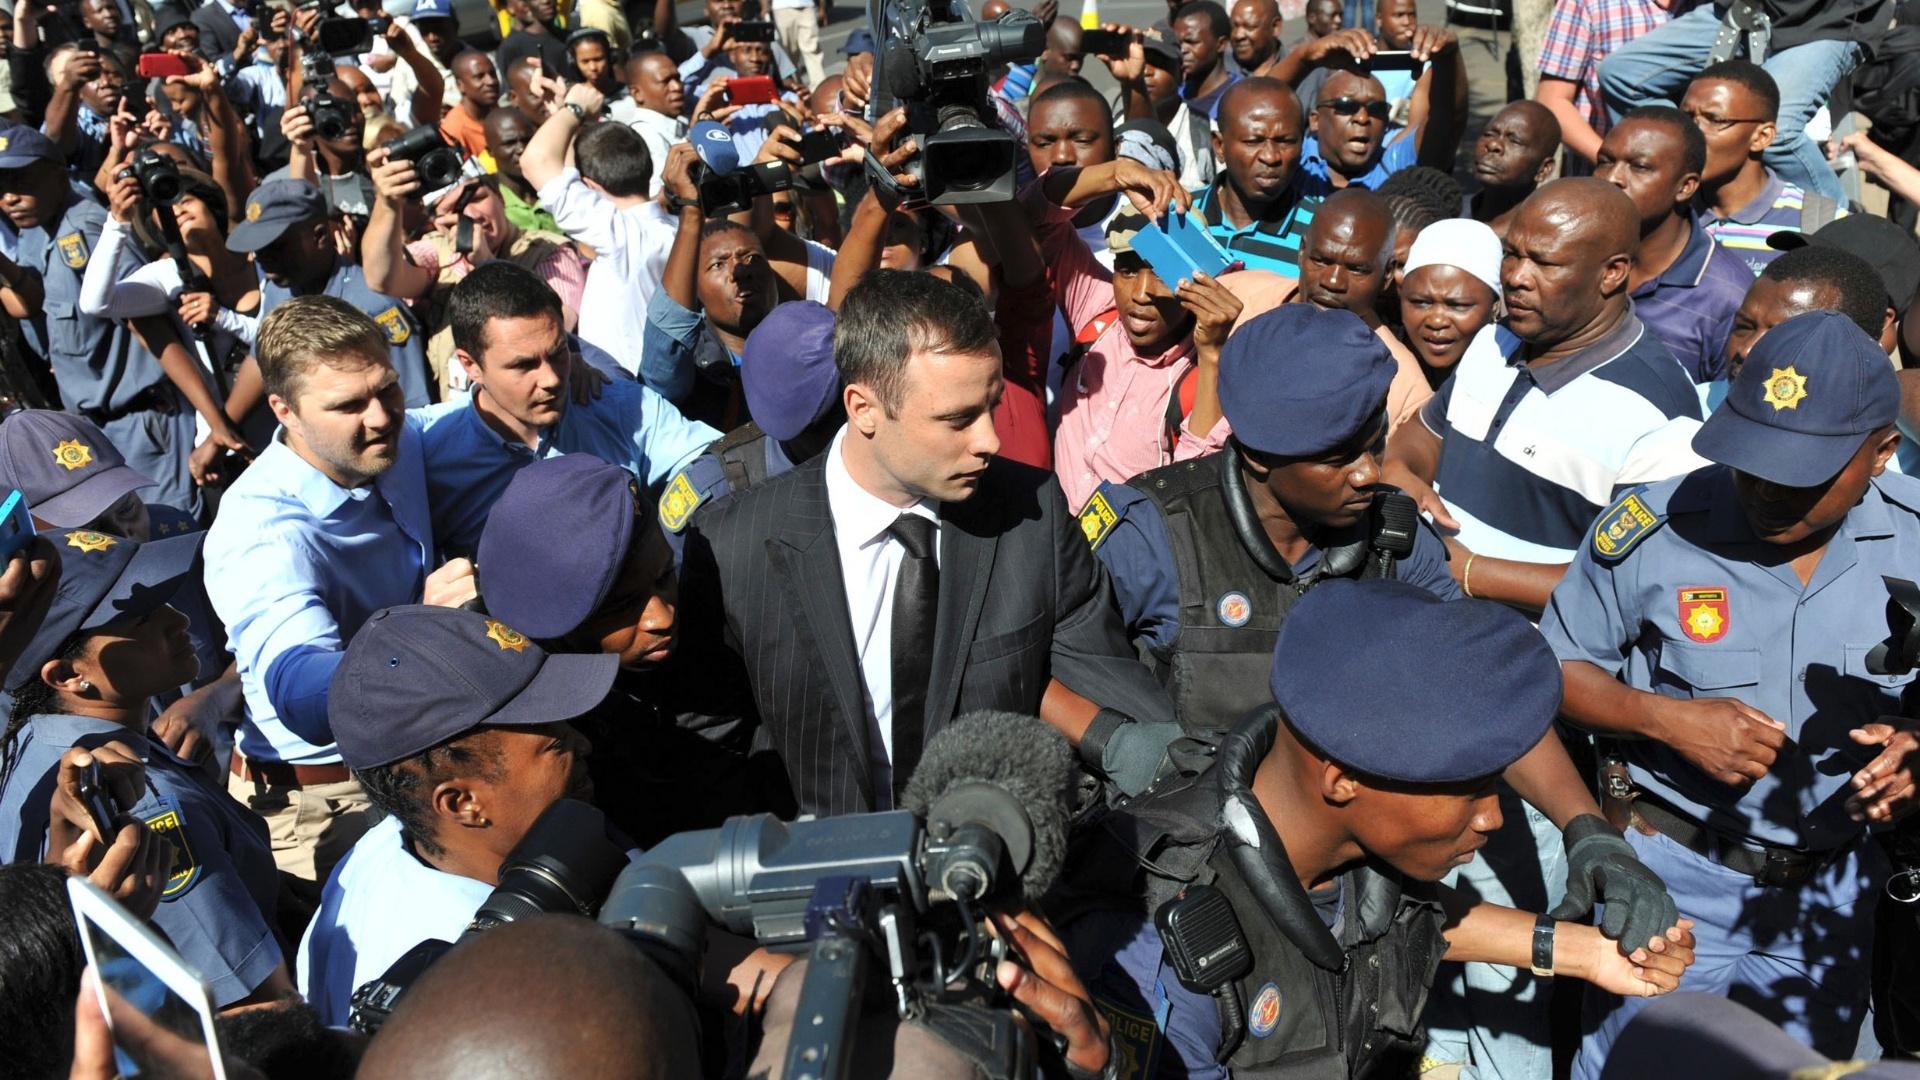 21.out.2014 - Sob forte esquema de segurança, Oscar Pistorius é levado ao tribunal em Pretoria, para ouvir sua sentença. Ele foi condenado por homicídio culposo na morte da ex-namorada